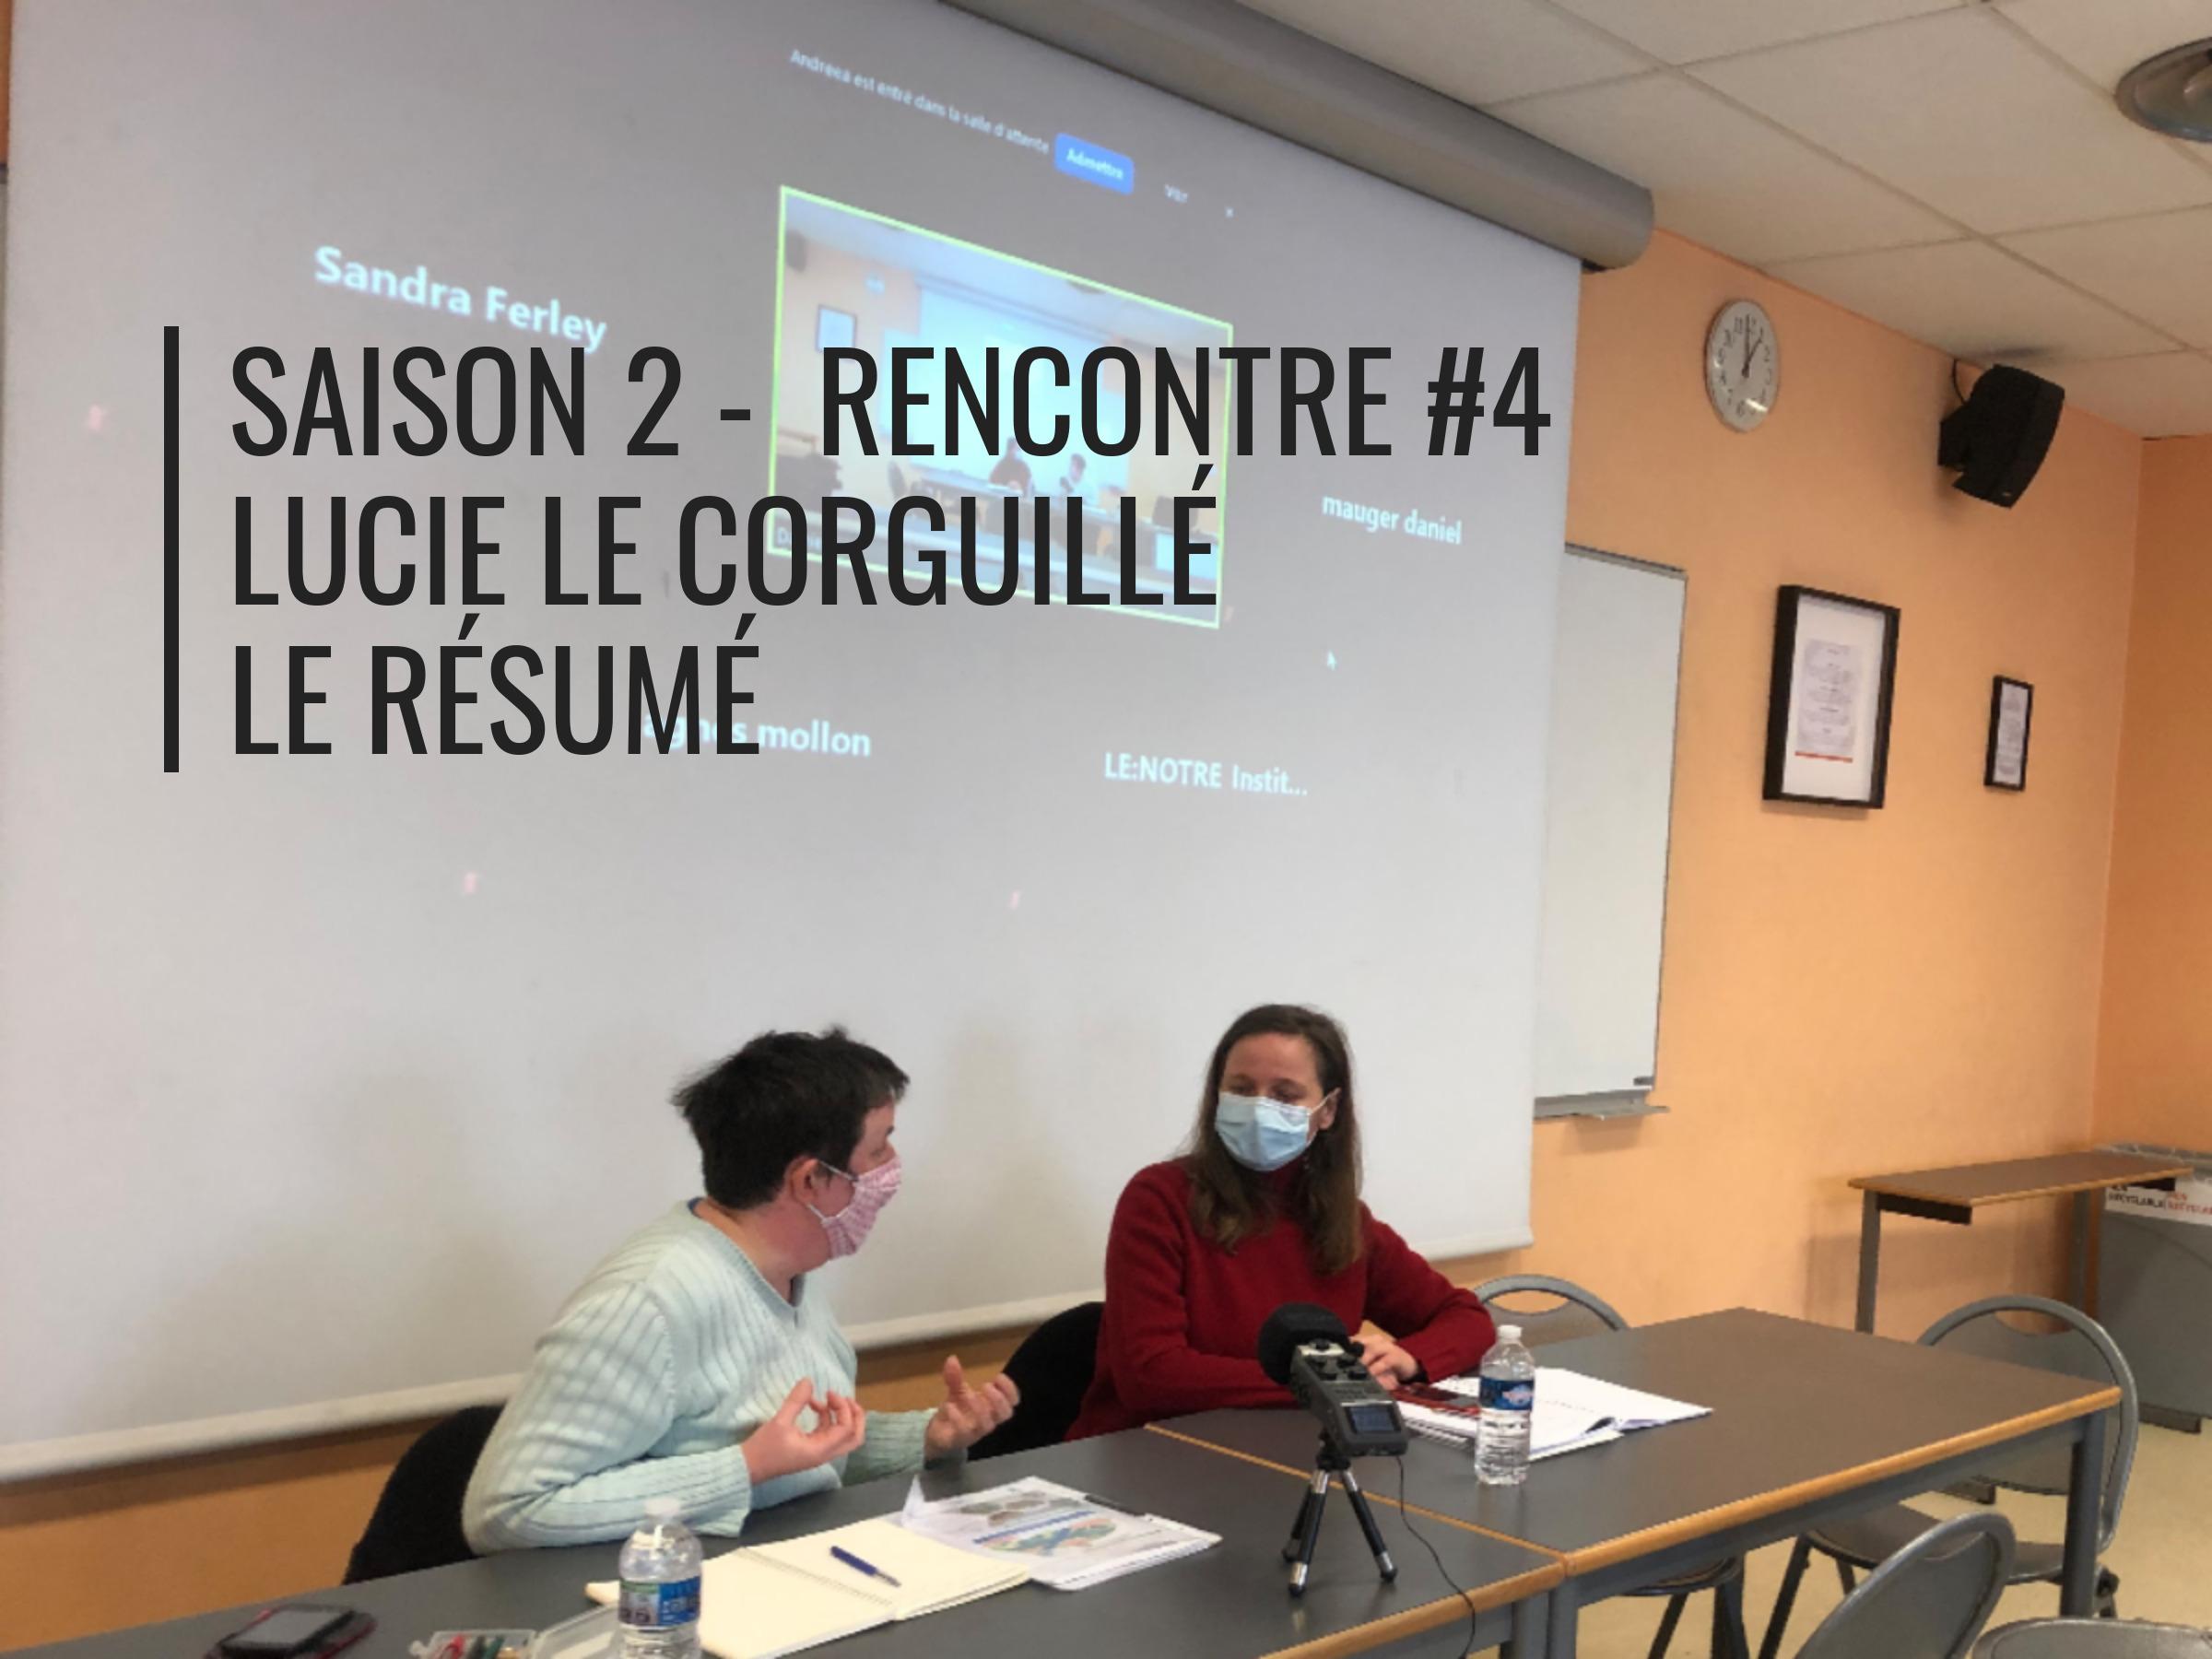 Rencontres de la résilience saison 2 #4 Lucie le corguillé